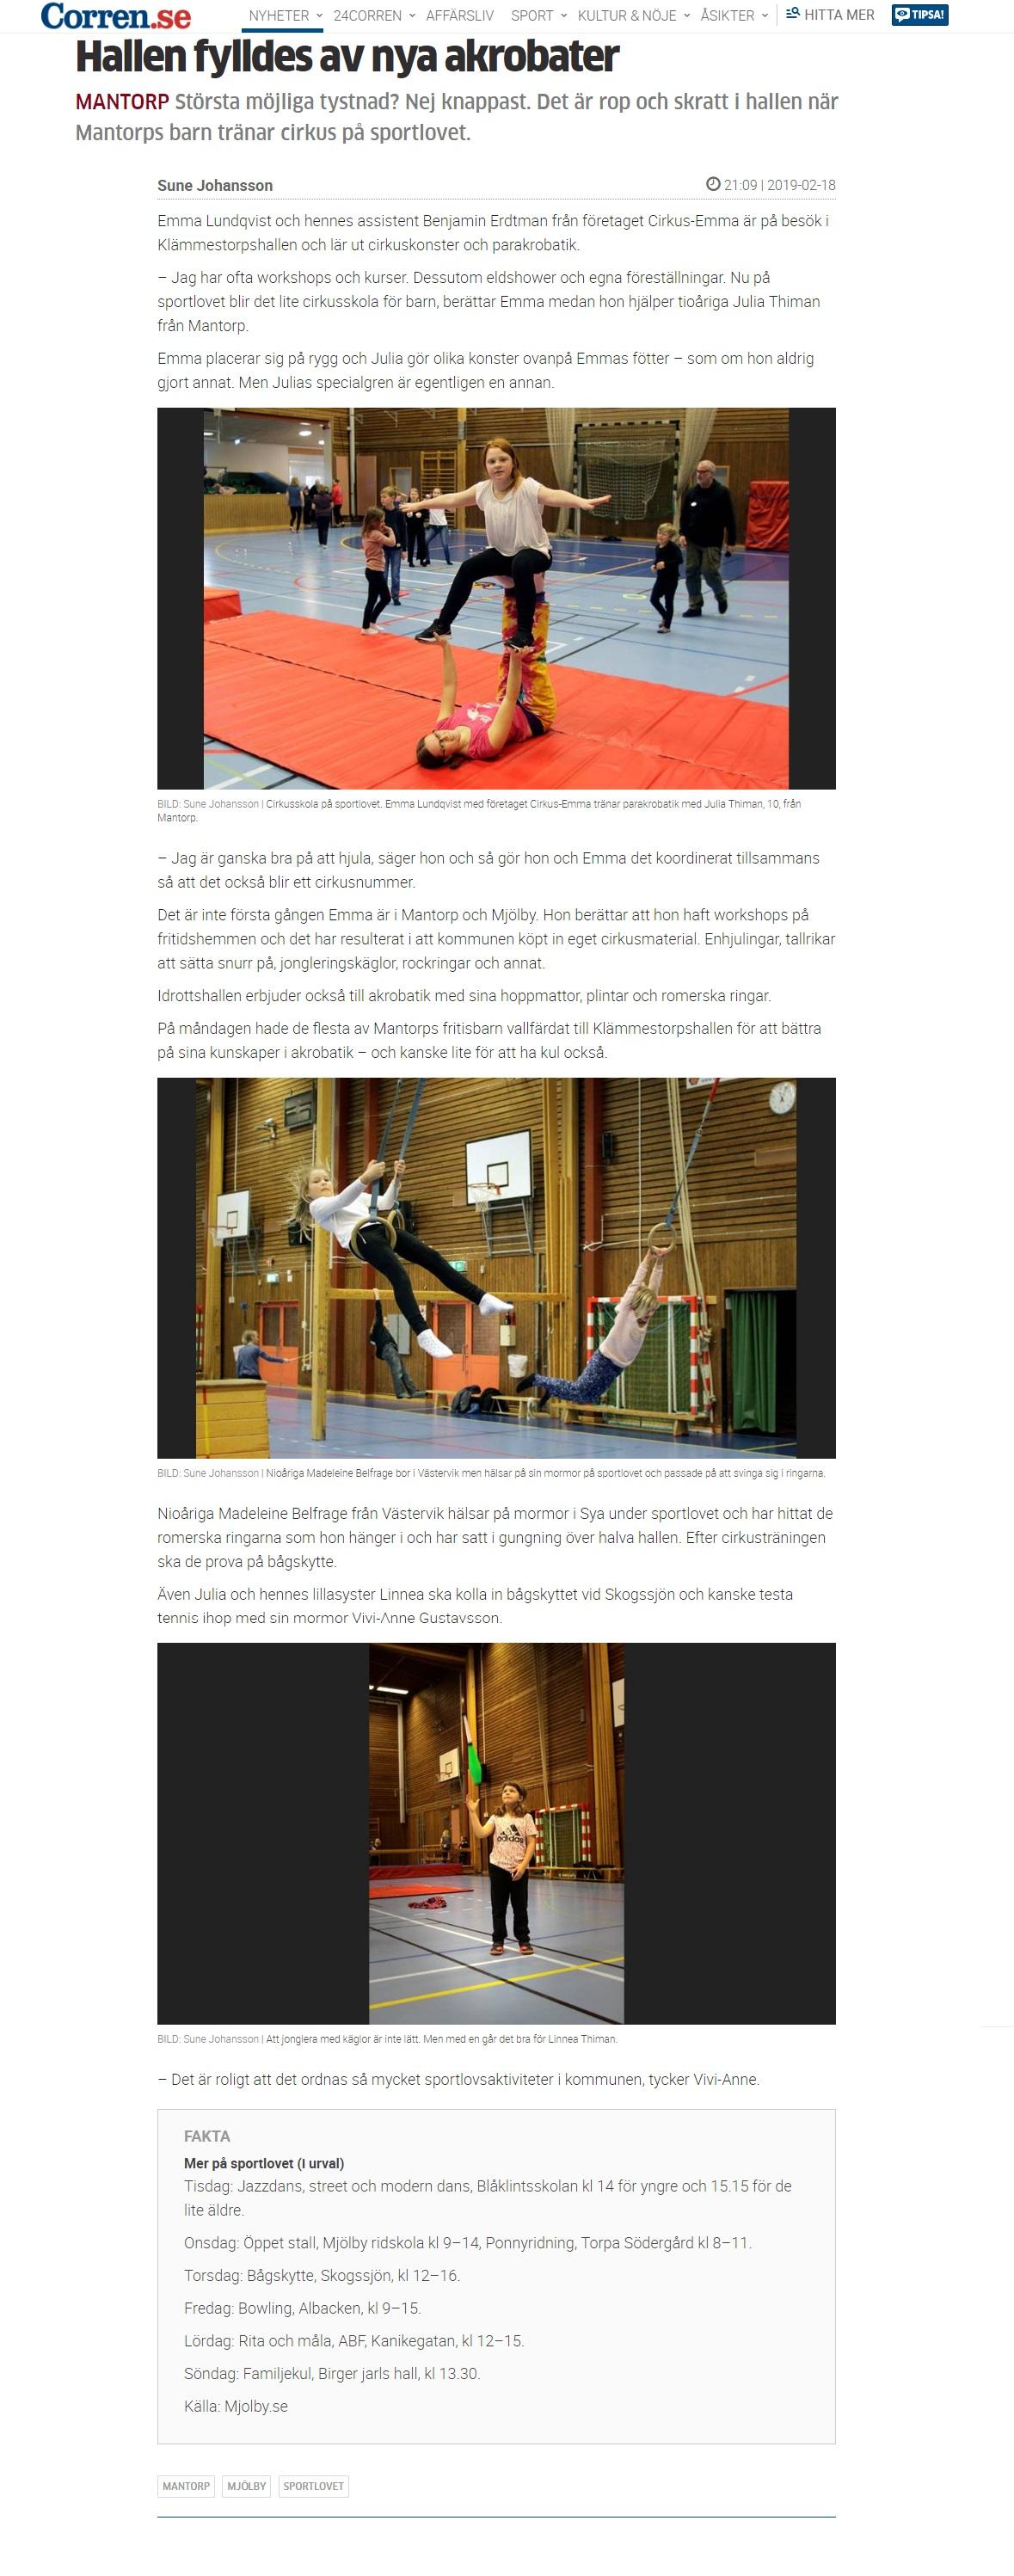 Hallen fylldes av nya akrobater MANTORP Största möjliga tystnad? Nej knappast. Det är rop och skratt i hallen när Mantorps barn tränar cirkus på sportlovet.  Sune Johansson21:09 | 2019-02-18 Emma Lundqvist och hennes assistent Benjamin Erdtman från företaget Cirkus-Emma är på besök i Klämmestorpshallen och lär ut cirkuskonster och parakrobatik.  – Jag har ofta workshops och kurser. Dessutom eldshower och egna föreställningar. Nu på sportlovet blir det lite cirkusskola för barn, berättar Emma medan hon hjälper tioåriga Julia Thiman från Mantorp.  Emma placerar sig på rygg och Julia gör olika konster ovanpå Emmas fötter – som om hon aldrig gjort annat. Men Julias specialgren är egentligen en annan.  Artikelbild BILD: Sune Johansson | Cirkusskola på sportlovet. Emma Lundqvist med företaget Cirkus-Emma tränar parakrobatik med Julia Thiman, 10, från Mantorp.  – Jag är ganska bra på att hjula, säger hon och så gör hon och Emma det koordinerat tillsammans så att det också blir ett cirkusnummer.  Det är inte första gången Emma är i Mantorp och Mjölby. Hon berättar att hon haft workshops på fritidshemmen och det har resulterat i att kommunen köpt in eget cirkusmaterial. Enhjulingar, tallrikar att sätta snurr på, jongleringskäglor, rockringar och annat.  Idrottshallen erbjuder också till akrobatik med sina hoppmattor, plintar och romerska ringar.  På måndagen hade de flesta av Mantorps fritisbarn vallfärdat till Klämmestorpshallen för att bättra på sina kunskaper i akrobatik – och kanske lite för att ha kul också.  Artikelbild BILD: Sune Johansson | Nioåriga Madeleine Belfrage bor i Västervik men hälsar på sin mormor på sportlovet och passade på att svinga sig i ringarna.  Nioåriga Madeleine Belfrage från Västervik hälsar på mormor i Sya under sportlovet och har hittat de romerska ringarna som hon hänger i och har satt i gungning över halva hallen. Efter cirkusträningen ska de prova på bågskytte.  Även Julia och hennes lillasyster Linnea ska kolla in bågskyttet vid Skogssjön 